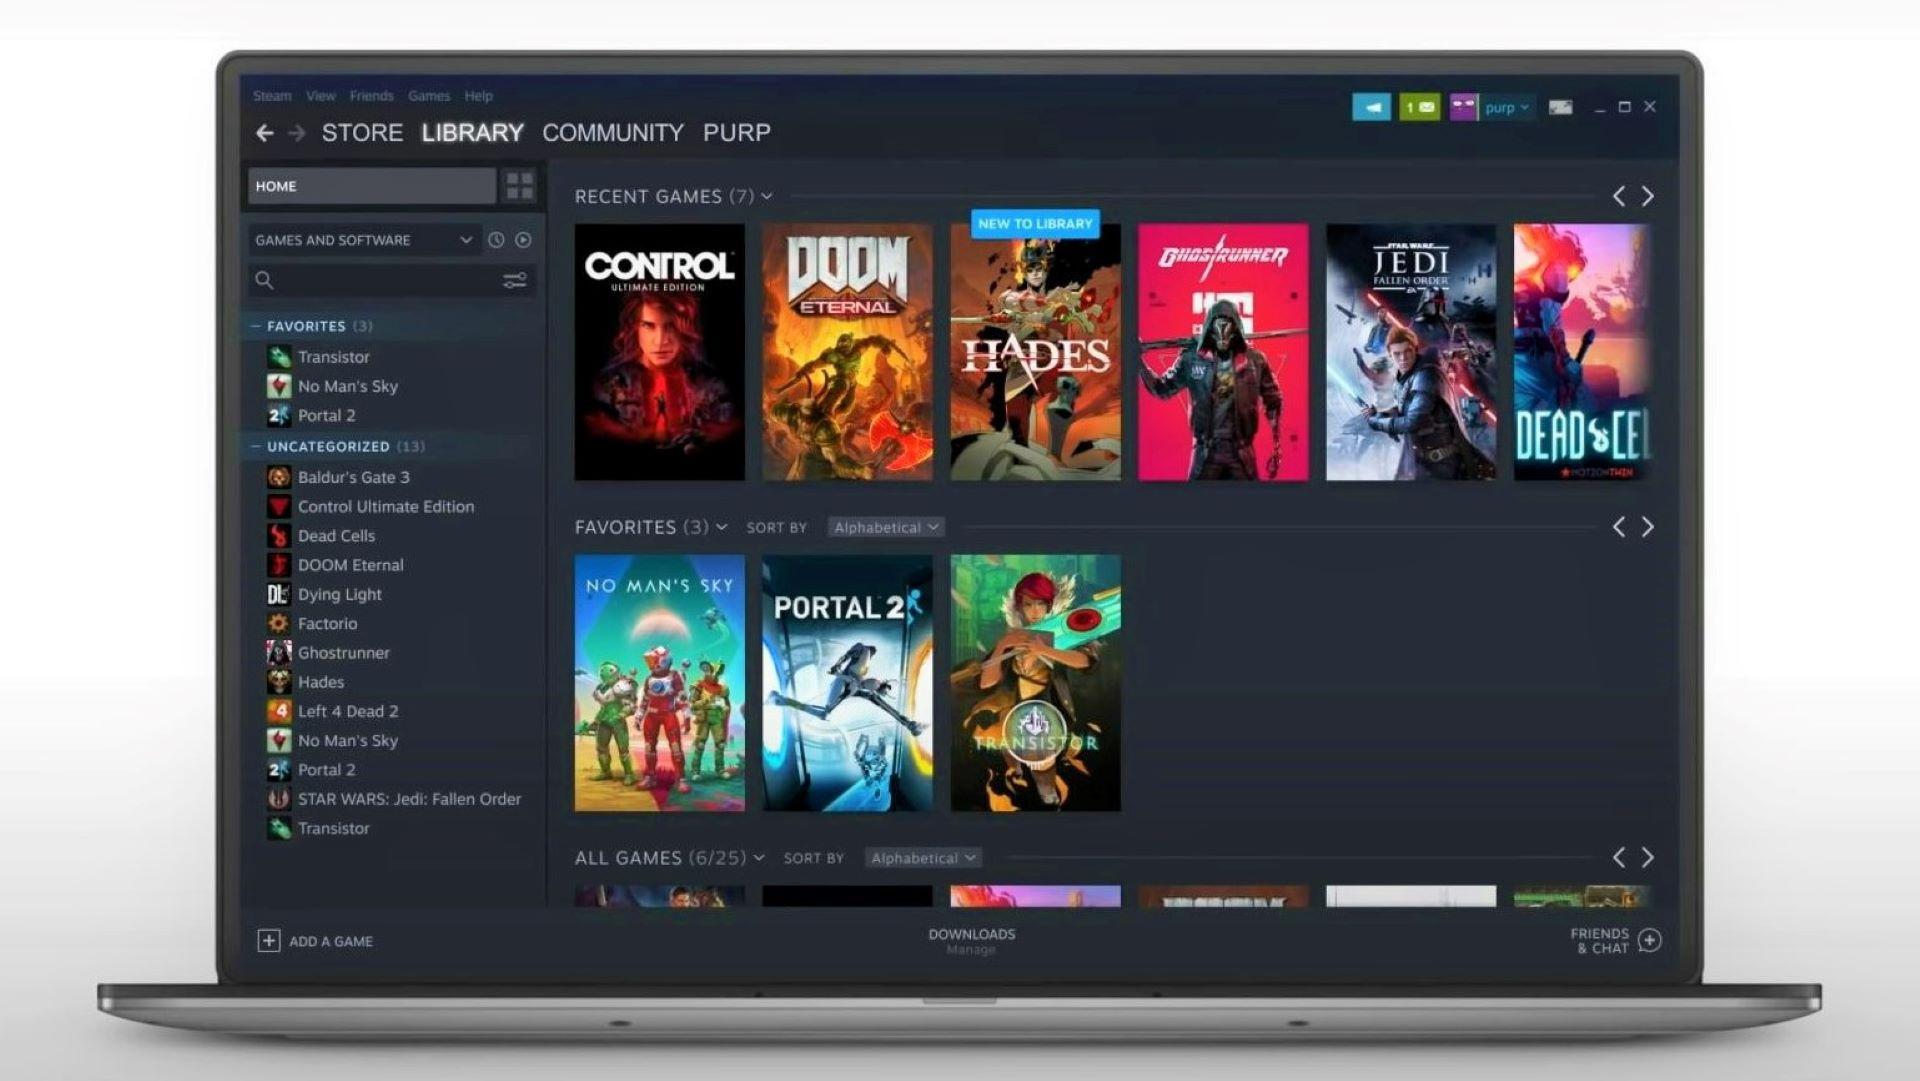 Valve muốn bạn chơi game trên Steam trước khi hoàn thành tải về - ảnh 1